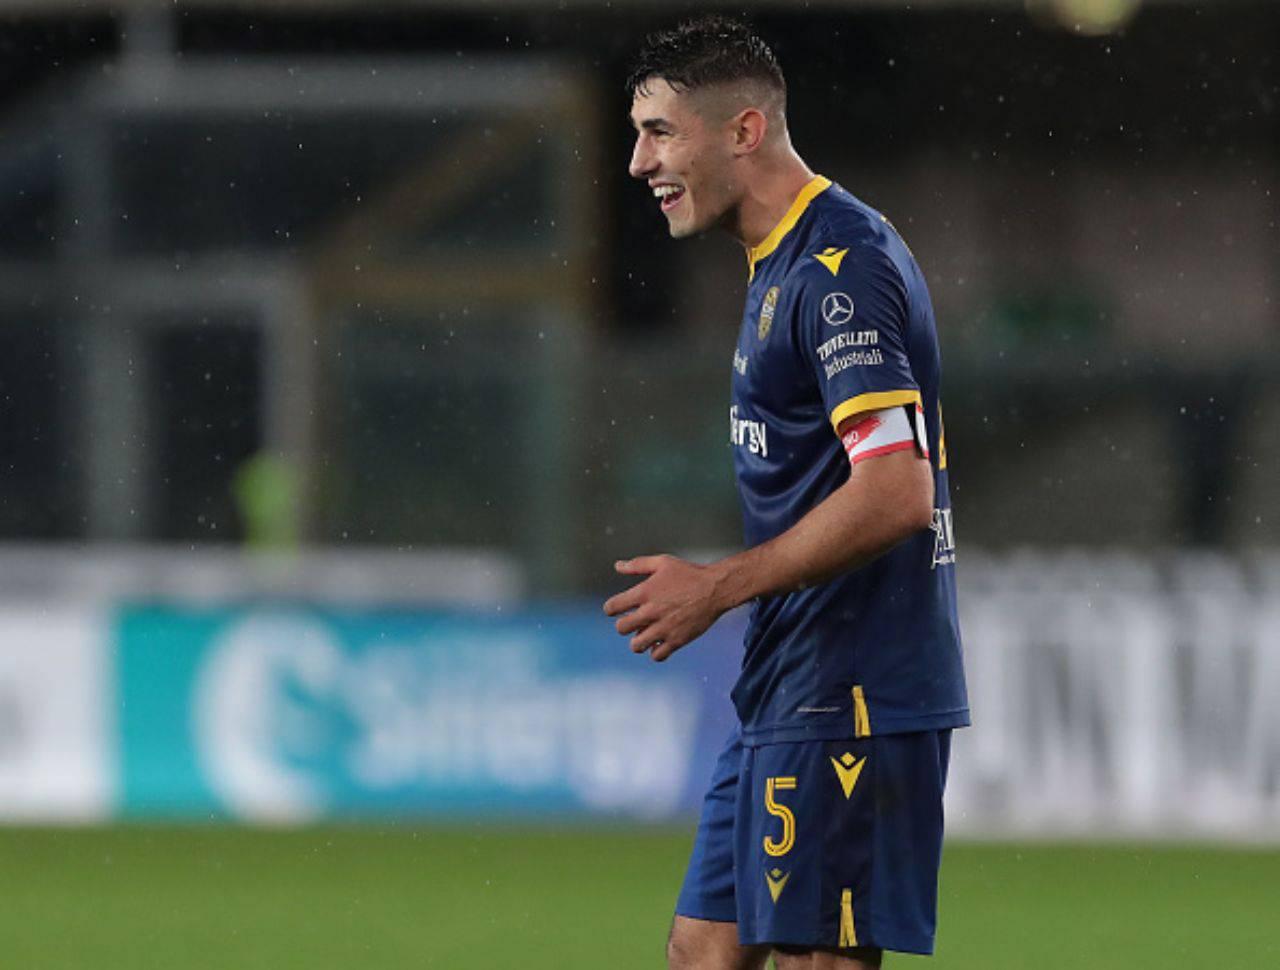 Video – Serie A, highlights Verona-Torino: formazioni, tabellino e gol